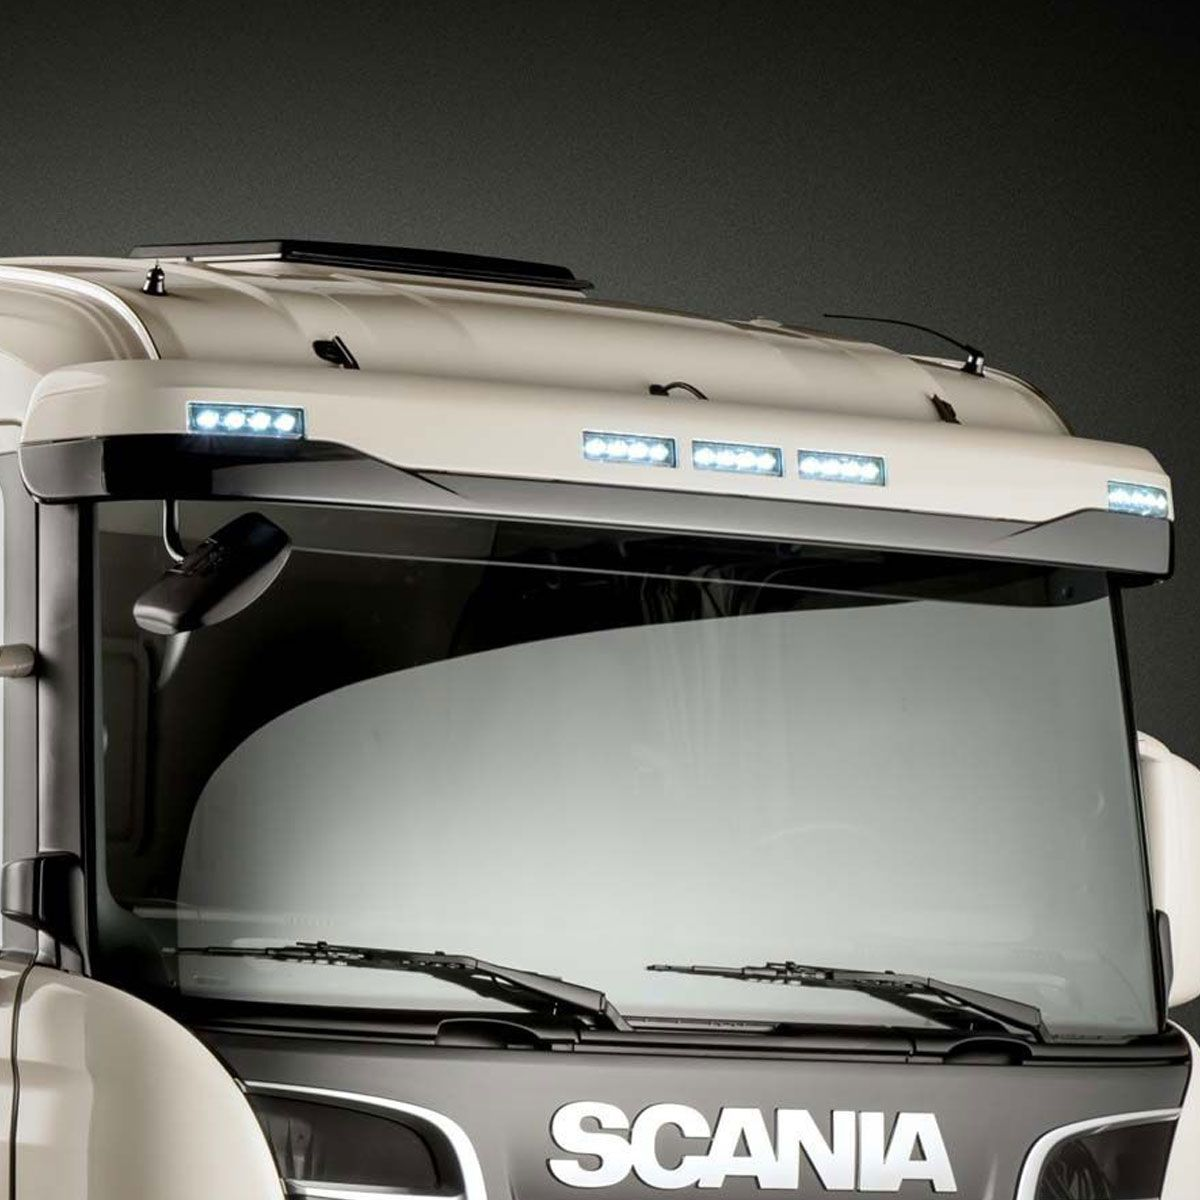 Quebra Sol Scania Serie 5 Streamline com suporte de adaptação S4 e S5 até 2013 + 5 Lanternas Led